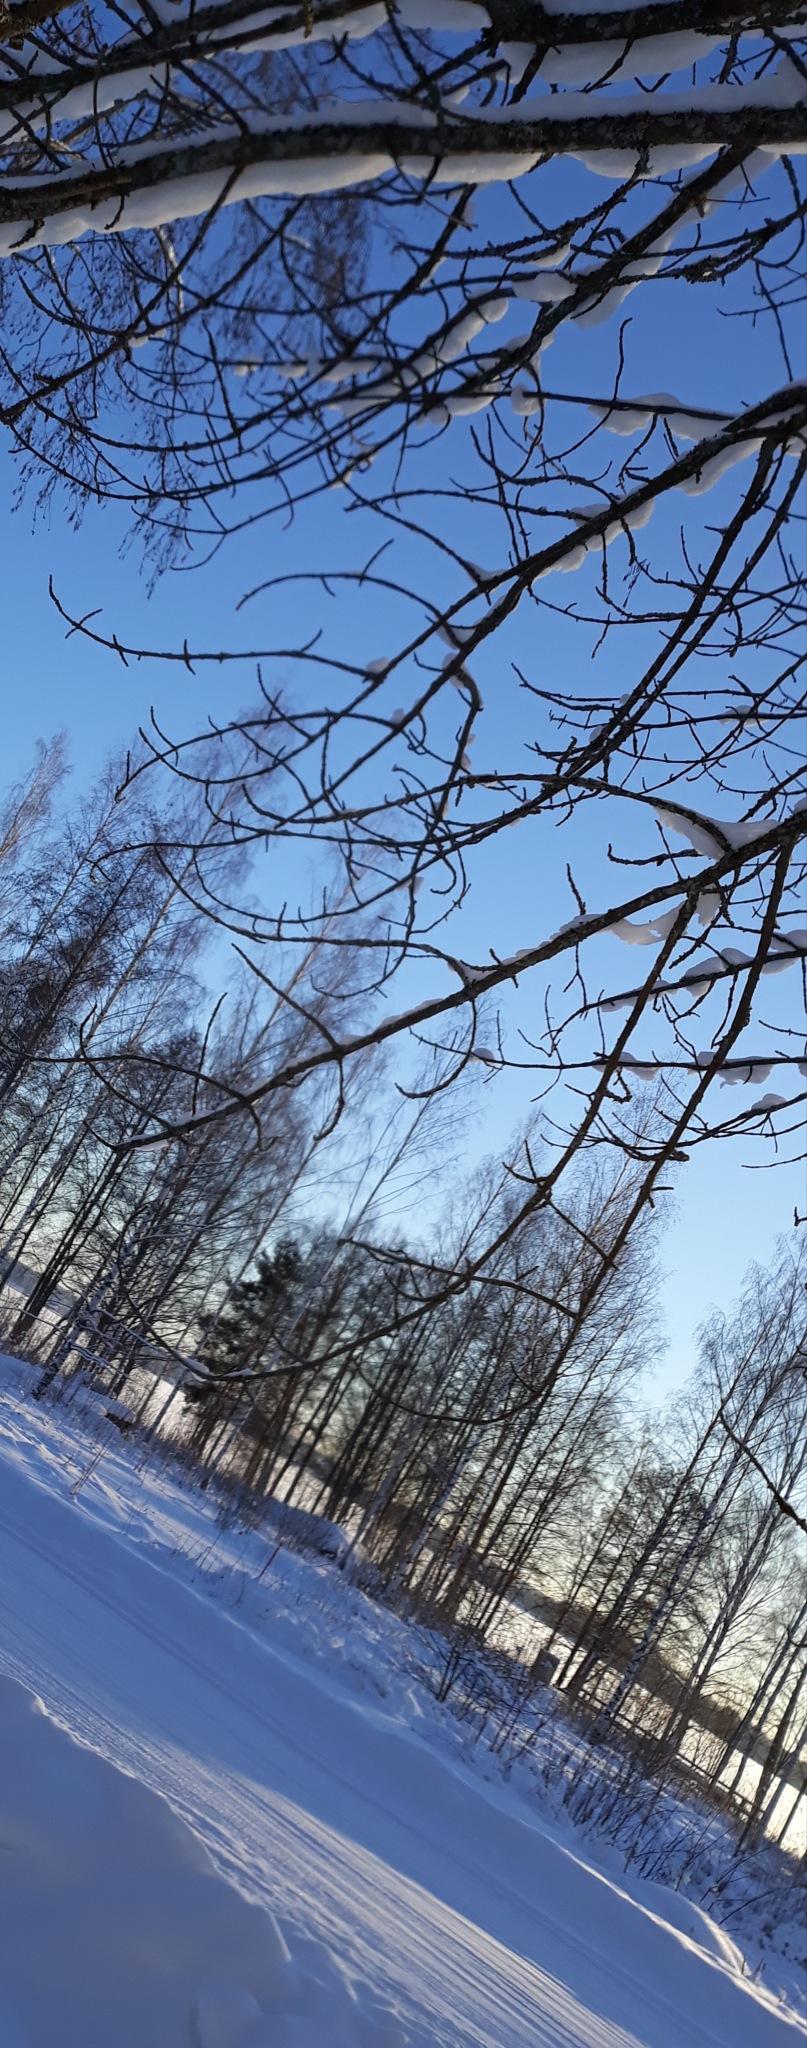 Blue sky, sun, snow and a tree by Sanna Rosman